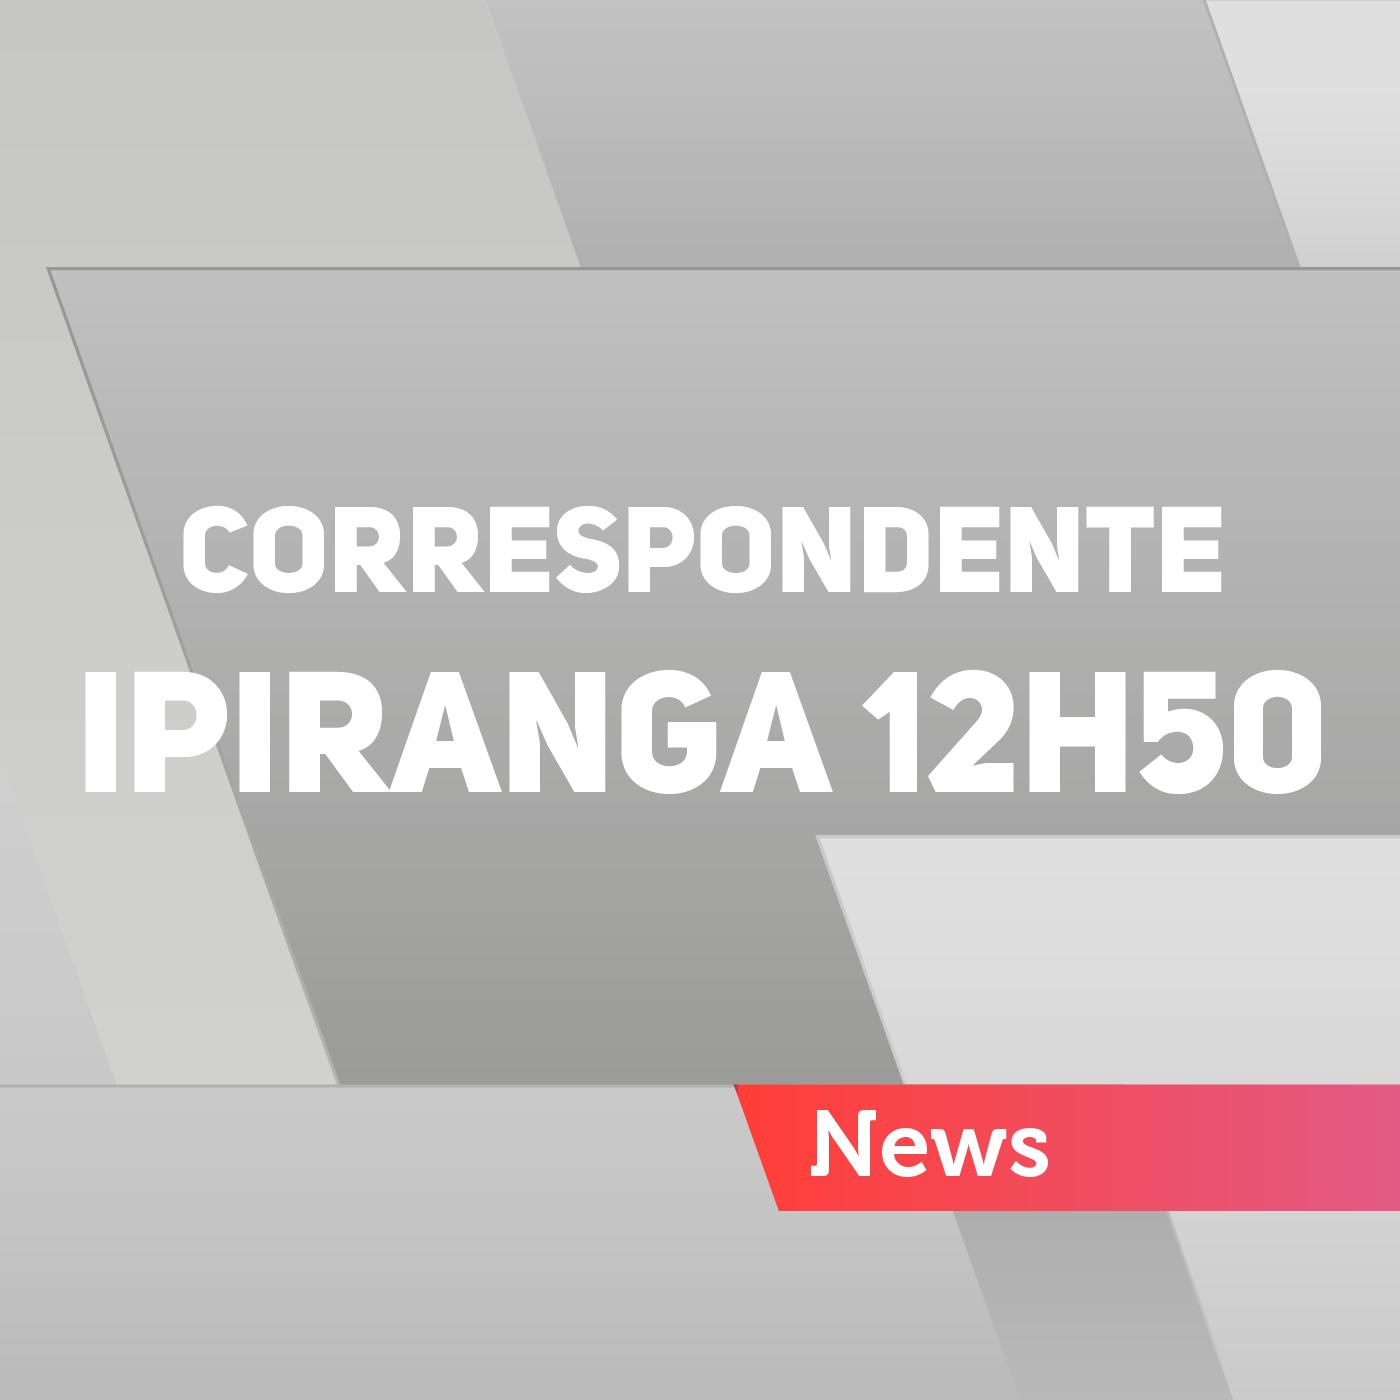 Correspondente Ipiranga 12h50 - 23/03/2017